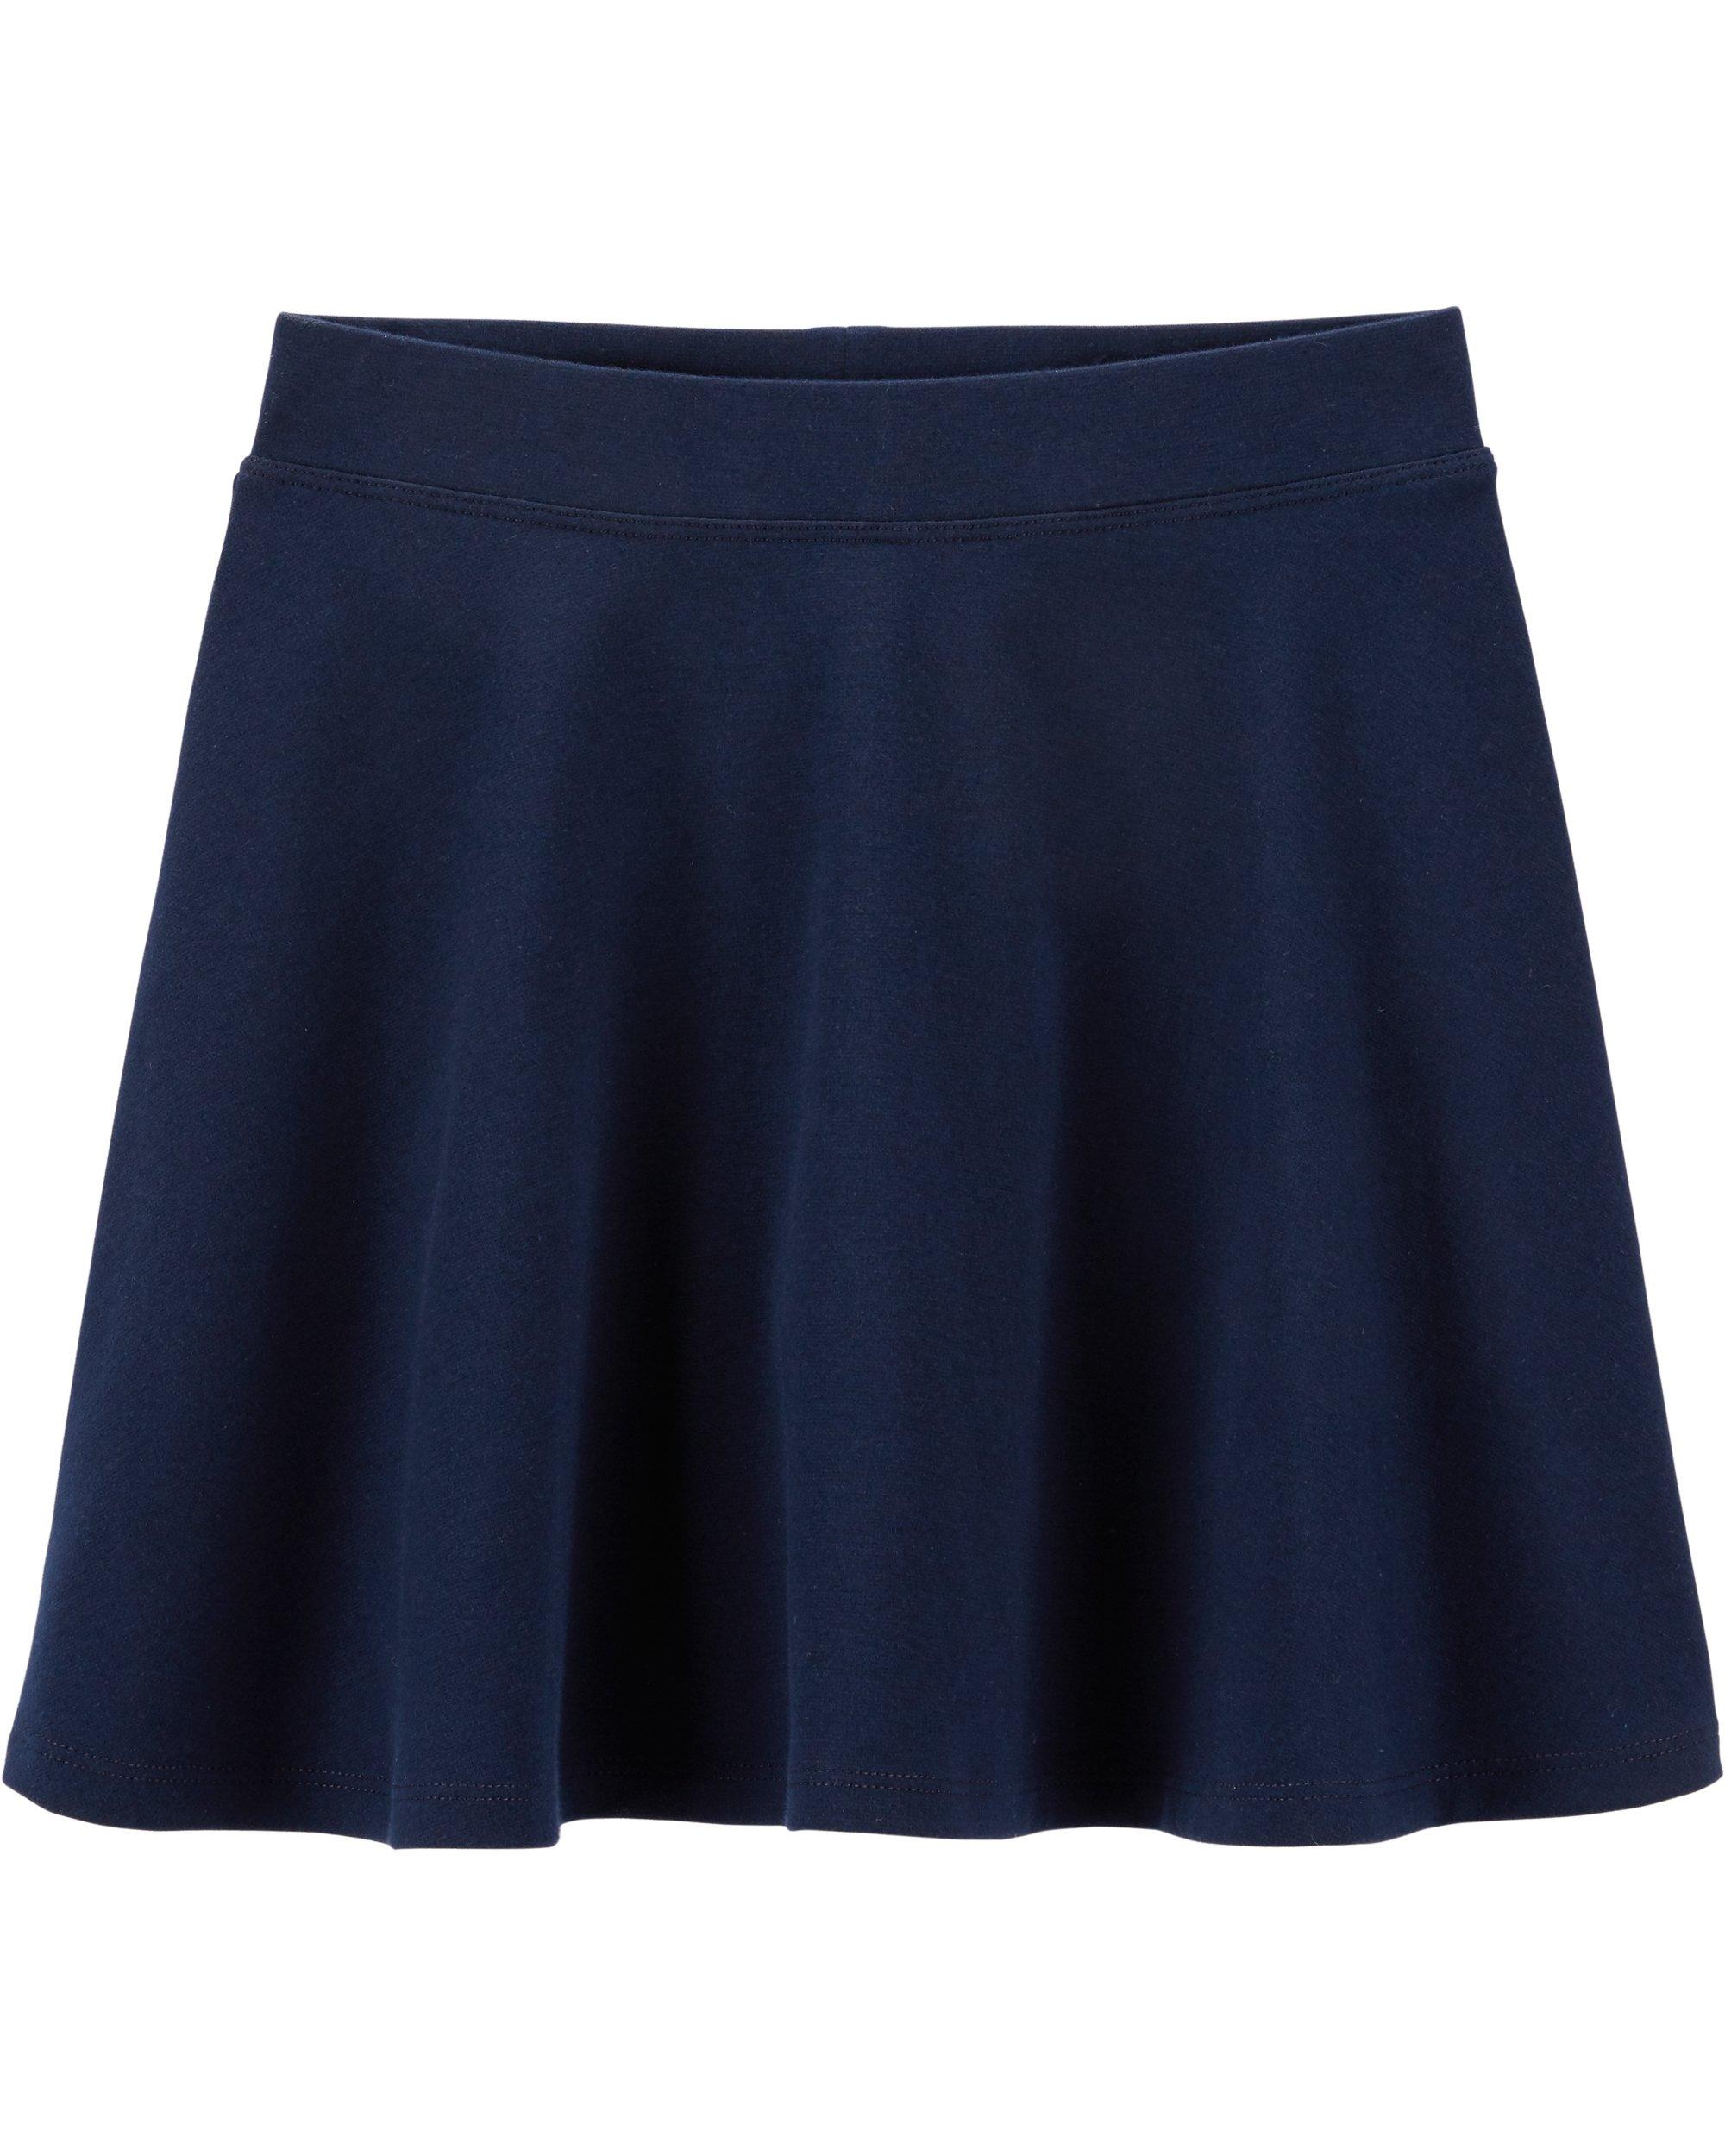 Osh Kosh Girls' Kids Uniform Ponte Skirt, Navy, 10-12